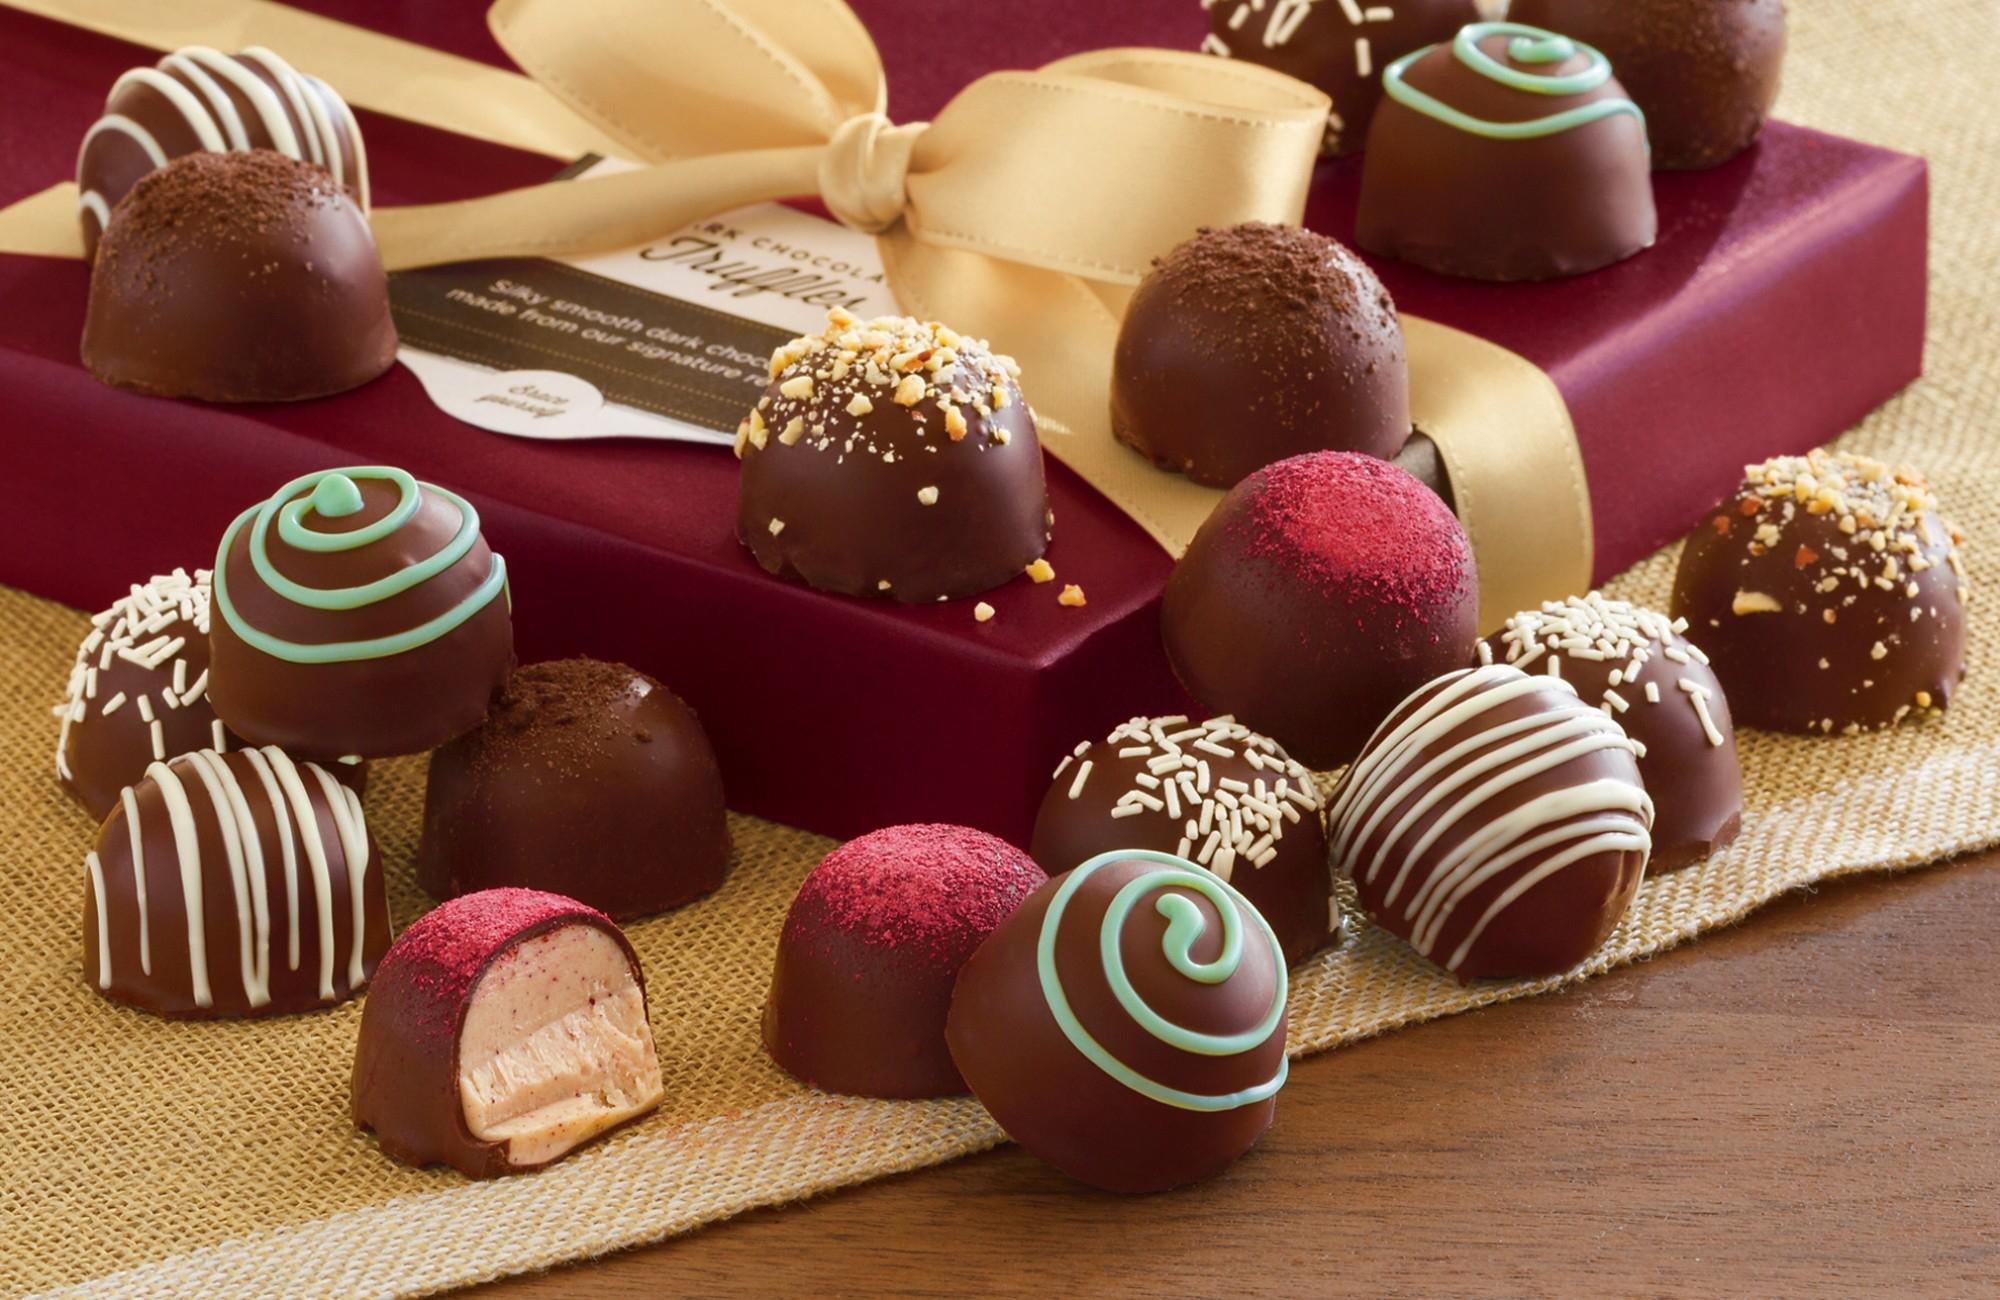 Fondos De Pantalla De Chocolates: Alimento Chocolate Fondo De Pantalla